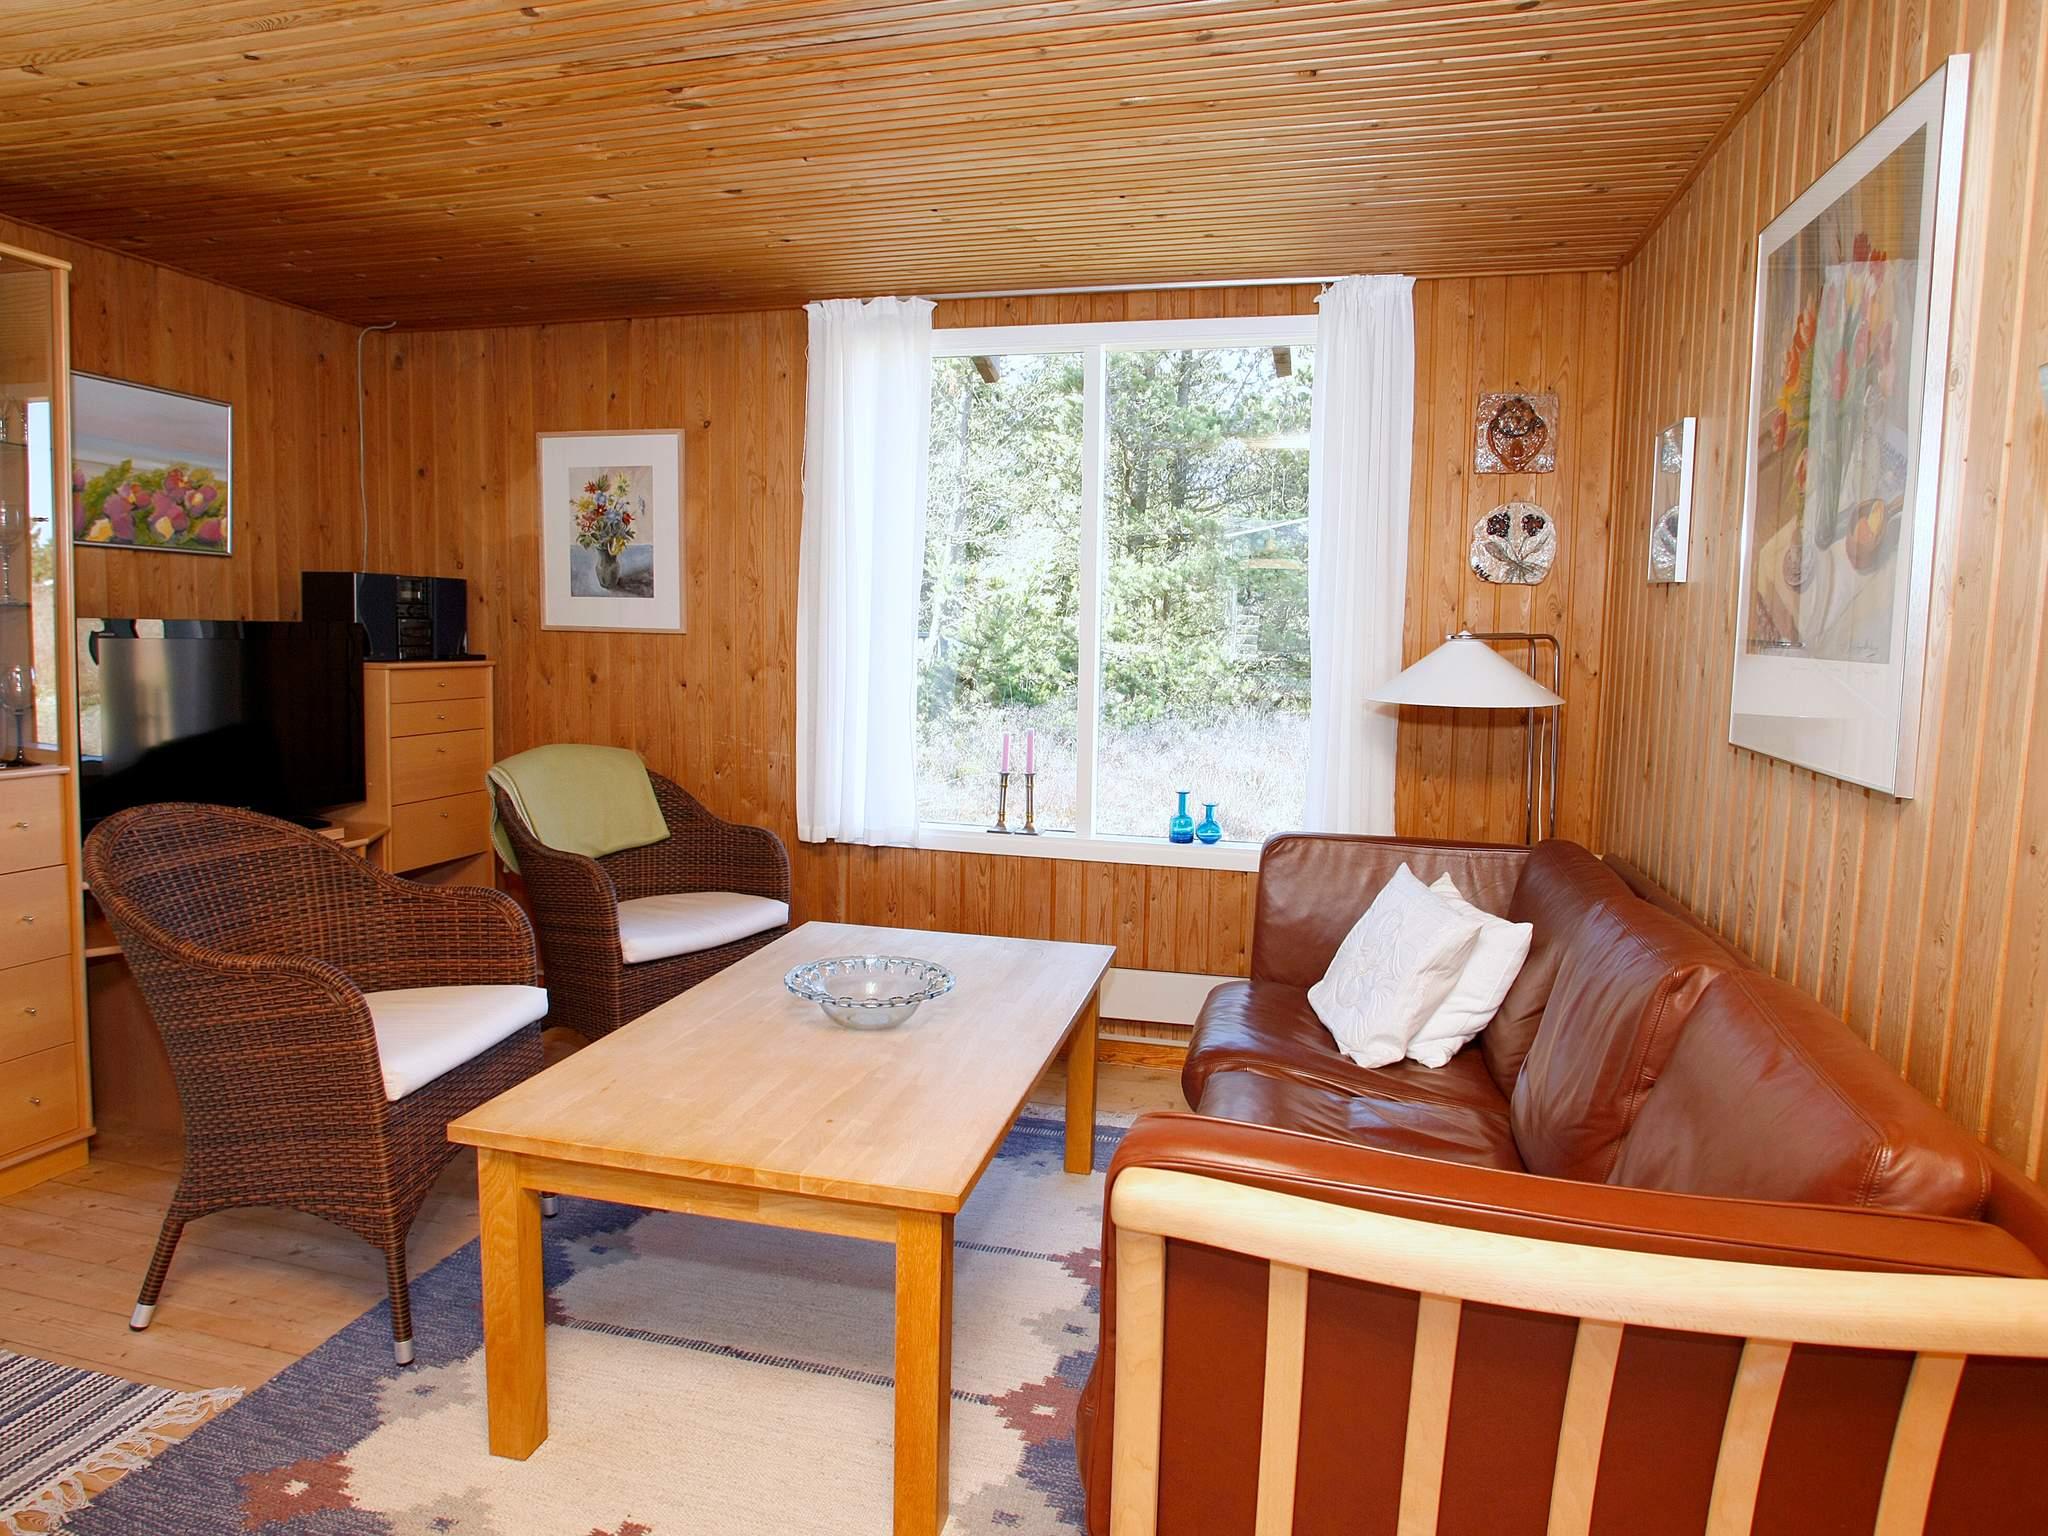 Ferienhaus Ålbæk (88171), Ålbæk, , Nordostjütland, Dänemark, Bild 4